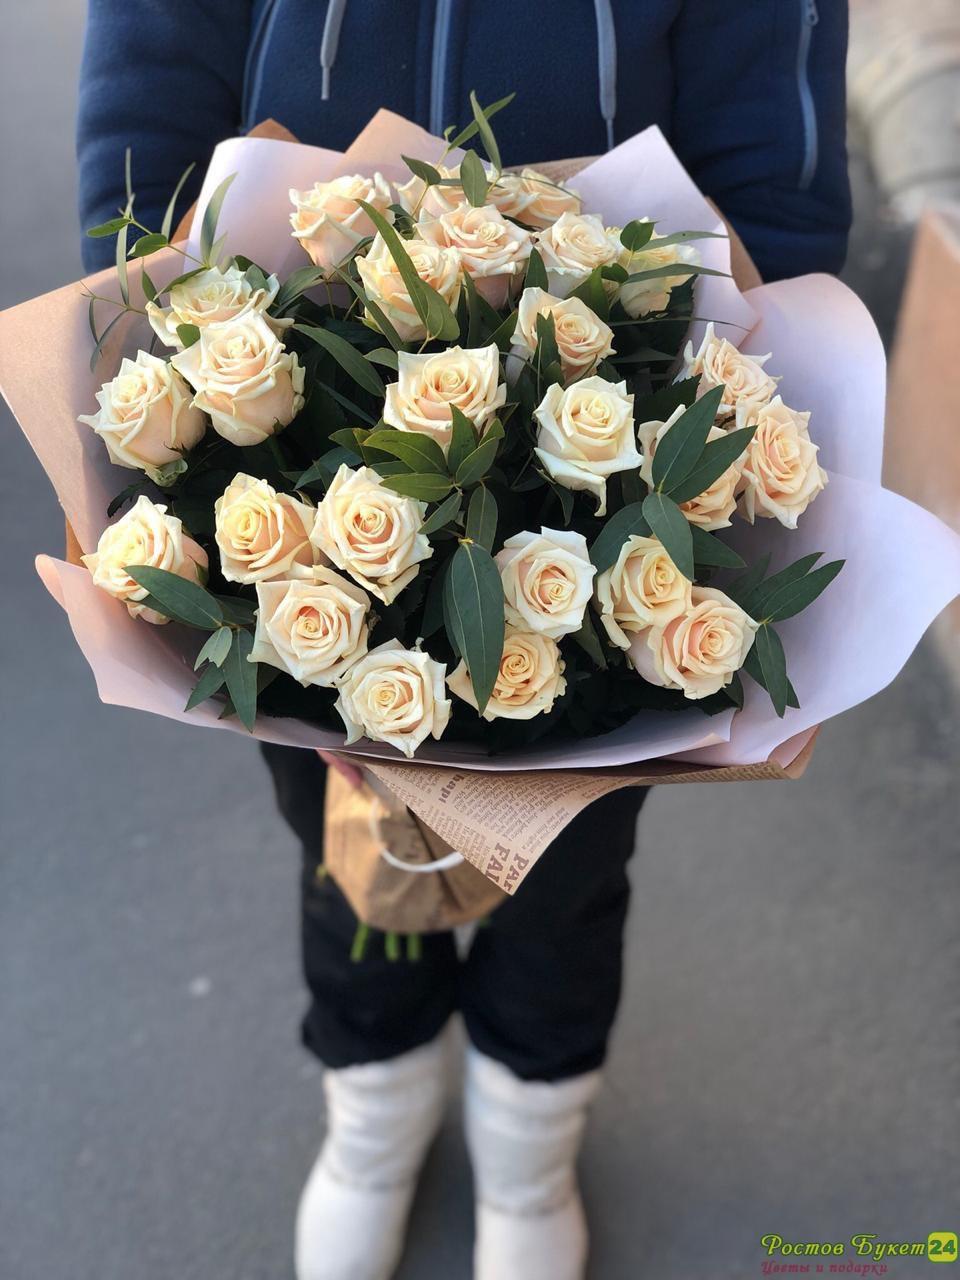 Купить цветы на западном живые цветы оптом в москве адреса